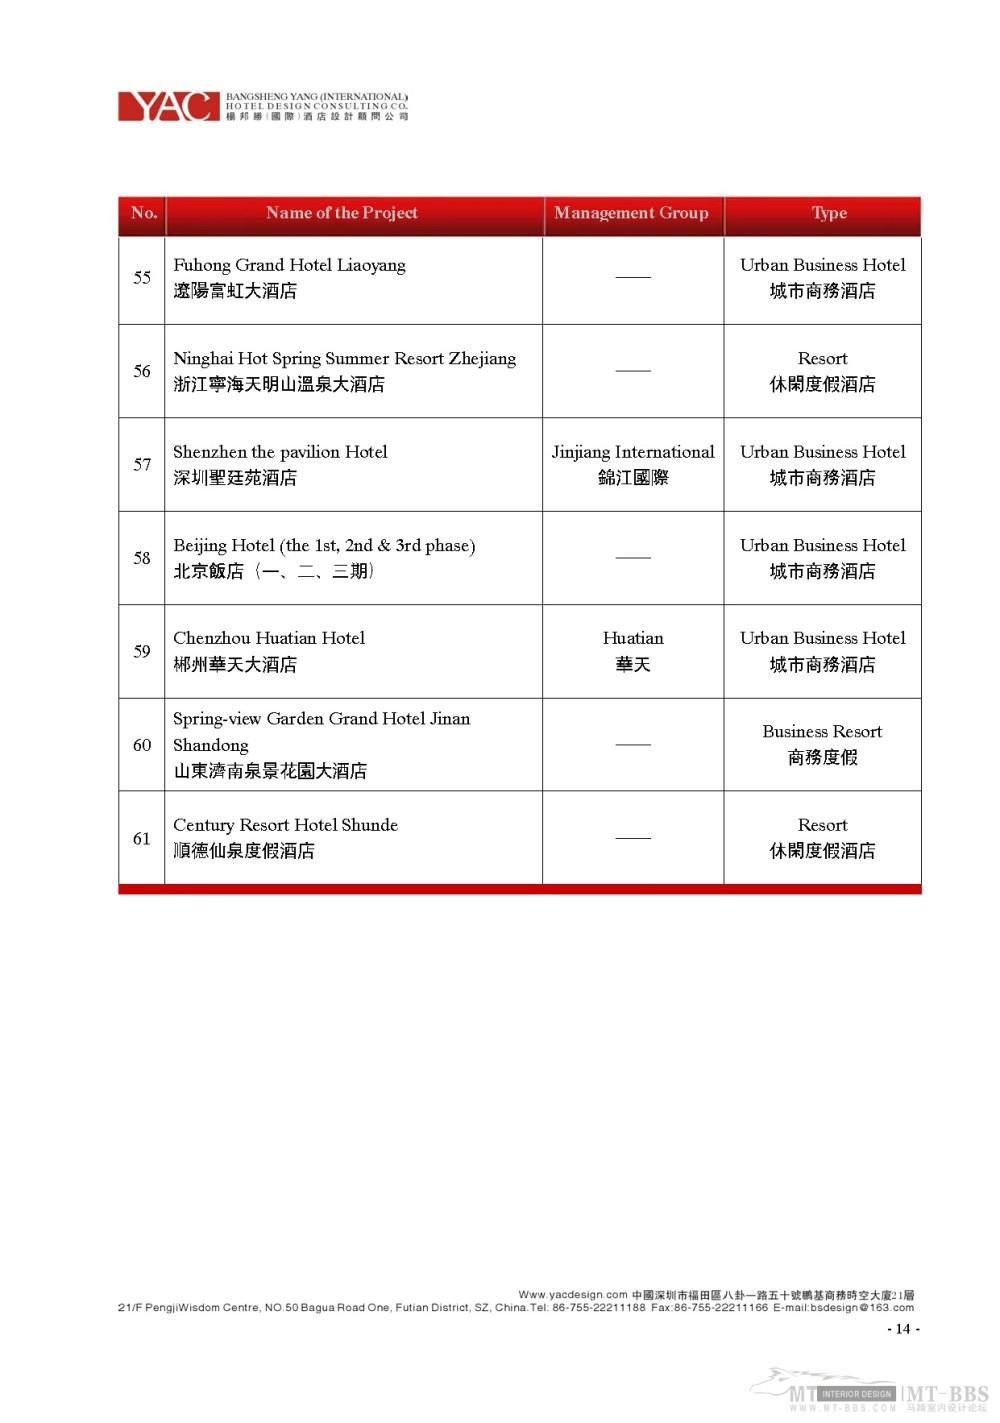 杨邦胜_2011.03.30YAC(国际)杨邦胜酒店设计顾问公司简介_页面_14.jpg